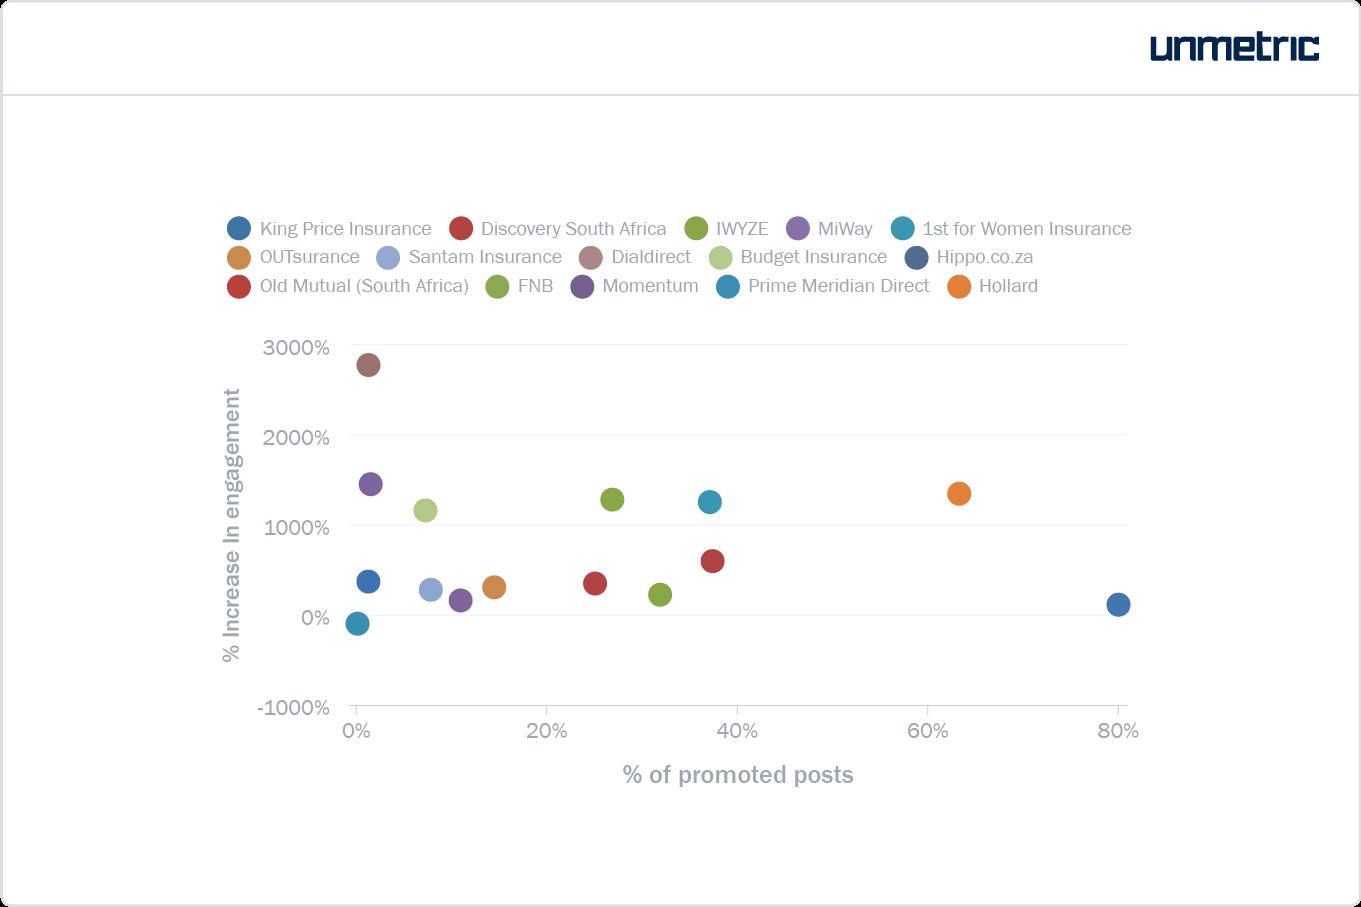 Percentage promoted vis-a-vis engagement returns